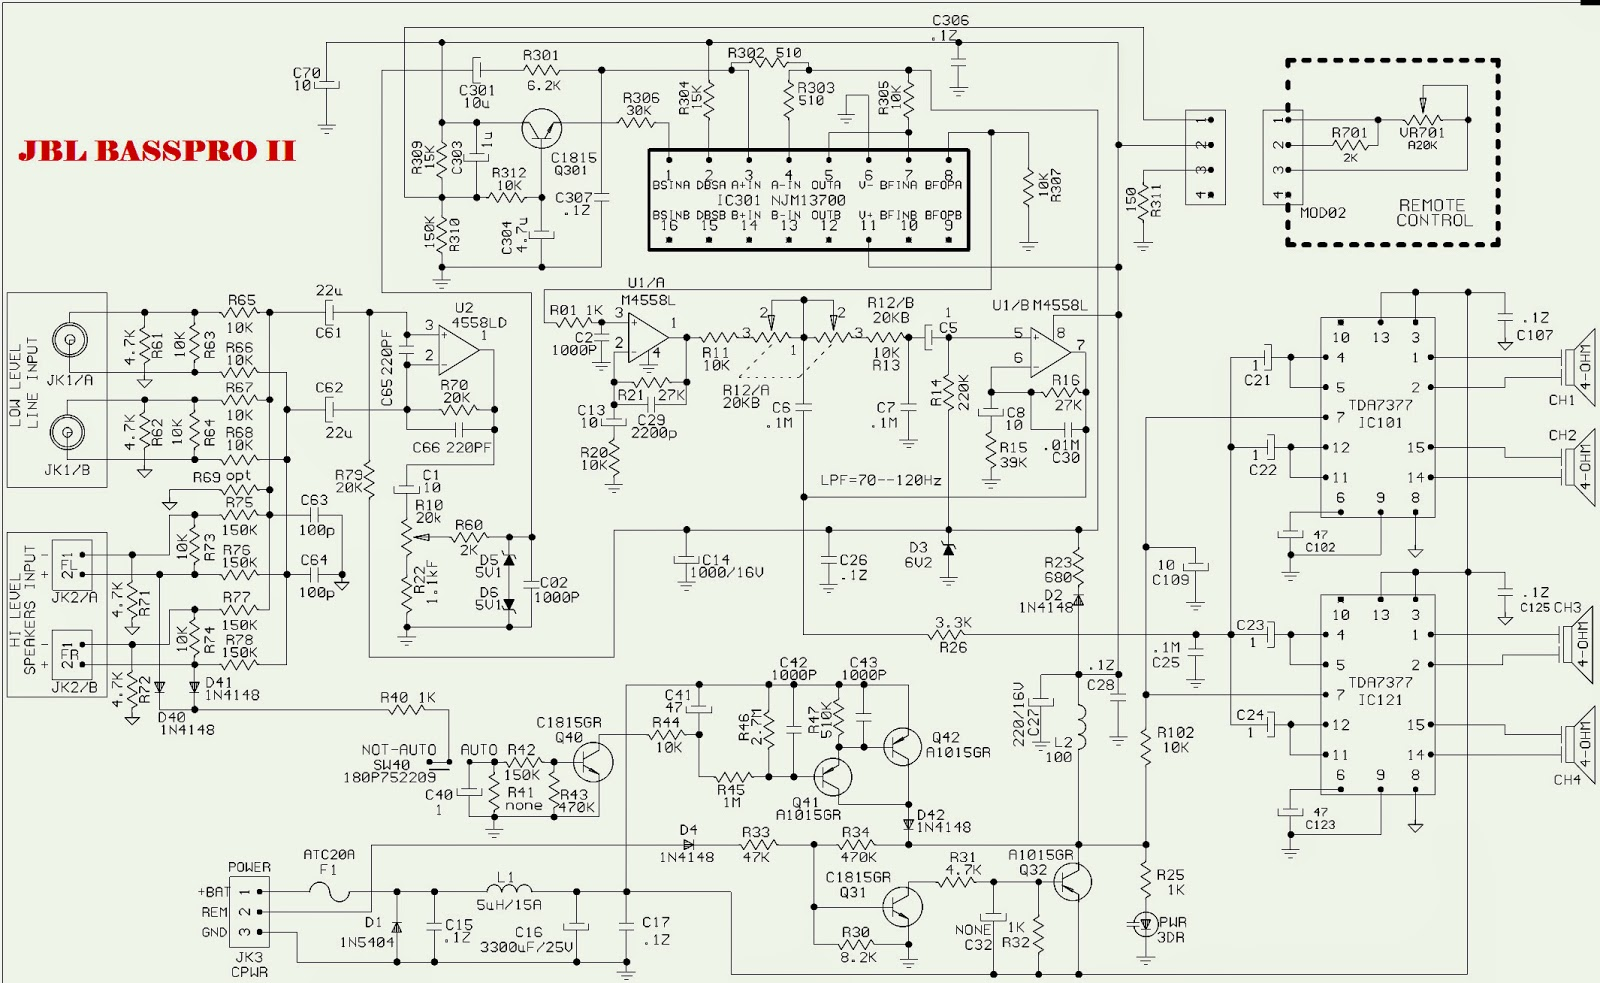 Jbl Car Stereo Wiring Diagram - Wiring Diagram Here Jbl Amp Bp Wiring Diagram on